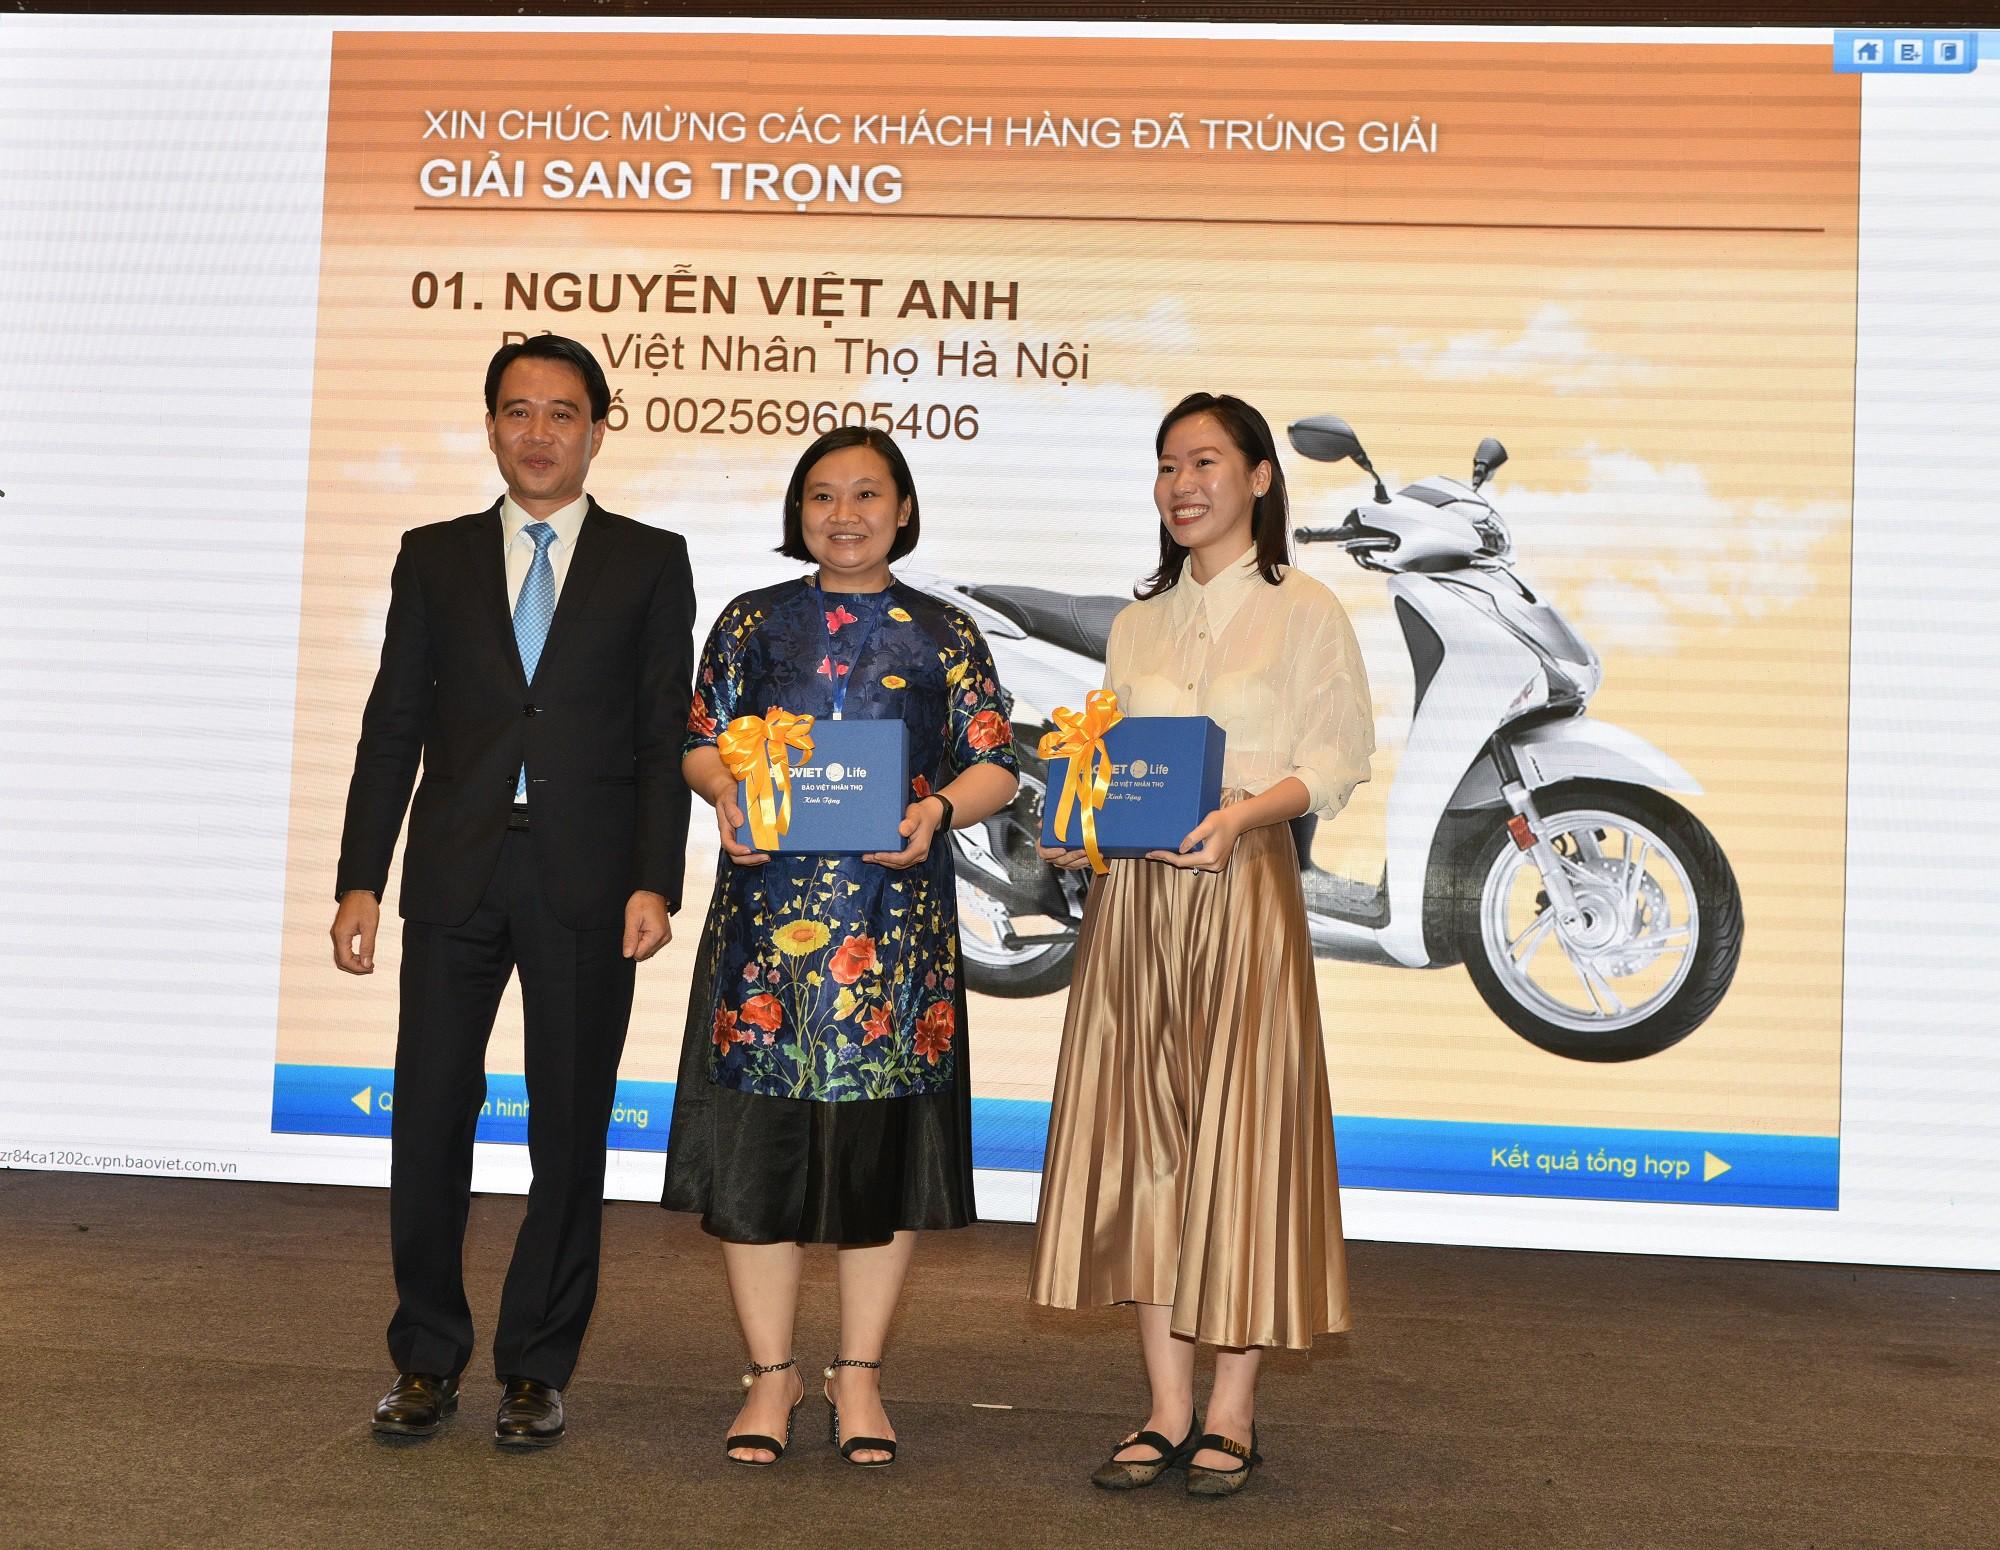 Đại diện Lãnh đạo Bảo Việt Nhân thọ trao quà tặng cho 2 khách hàng đã hỗ trợ tìm ra chủ nhân chiếc xe SH